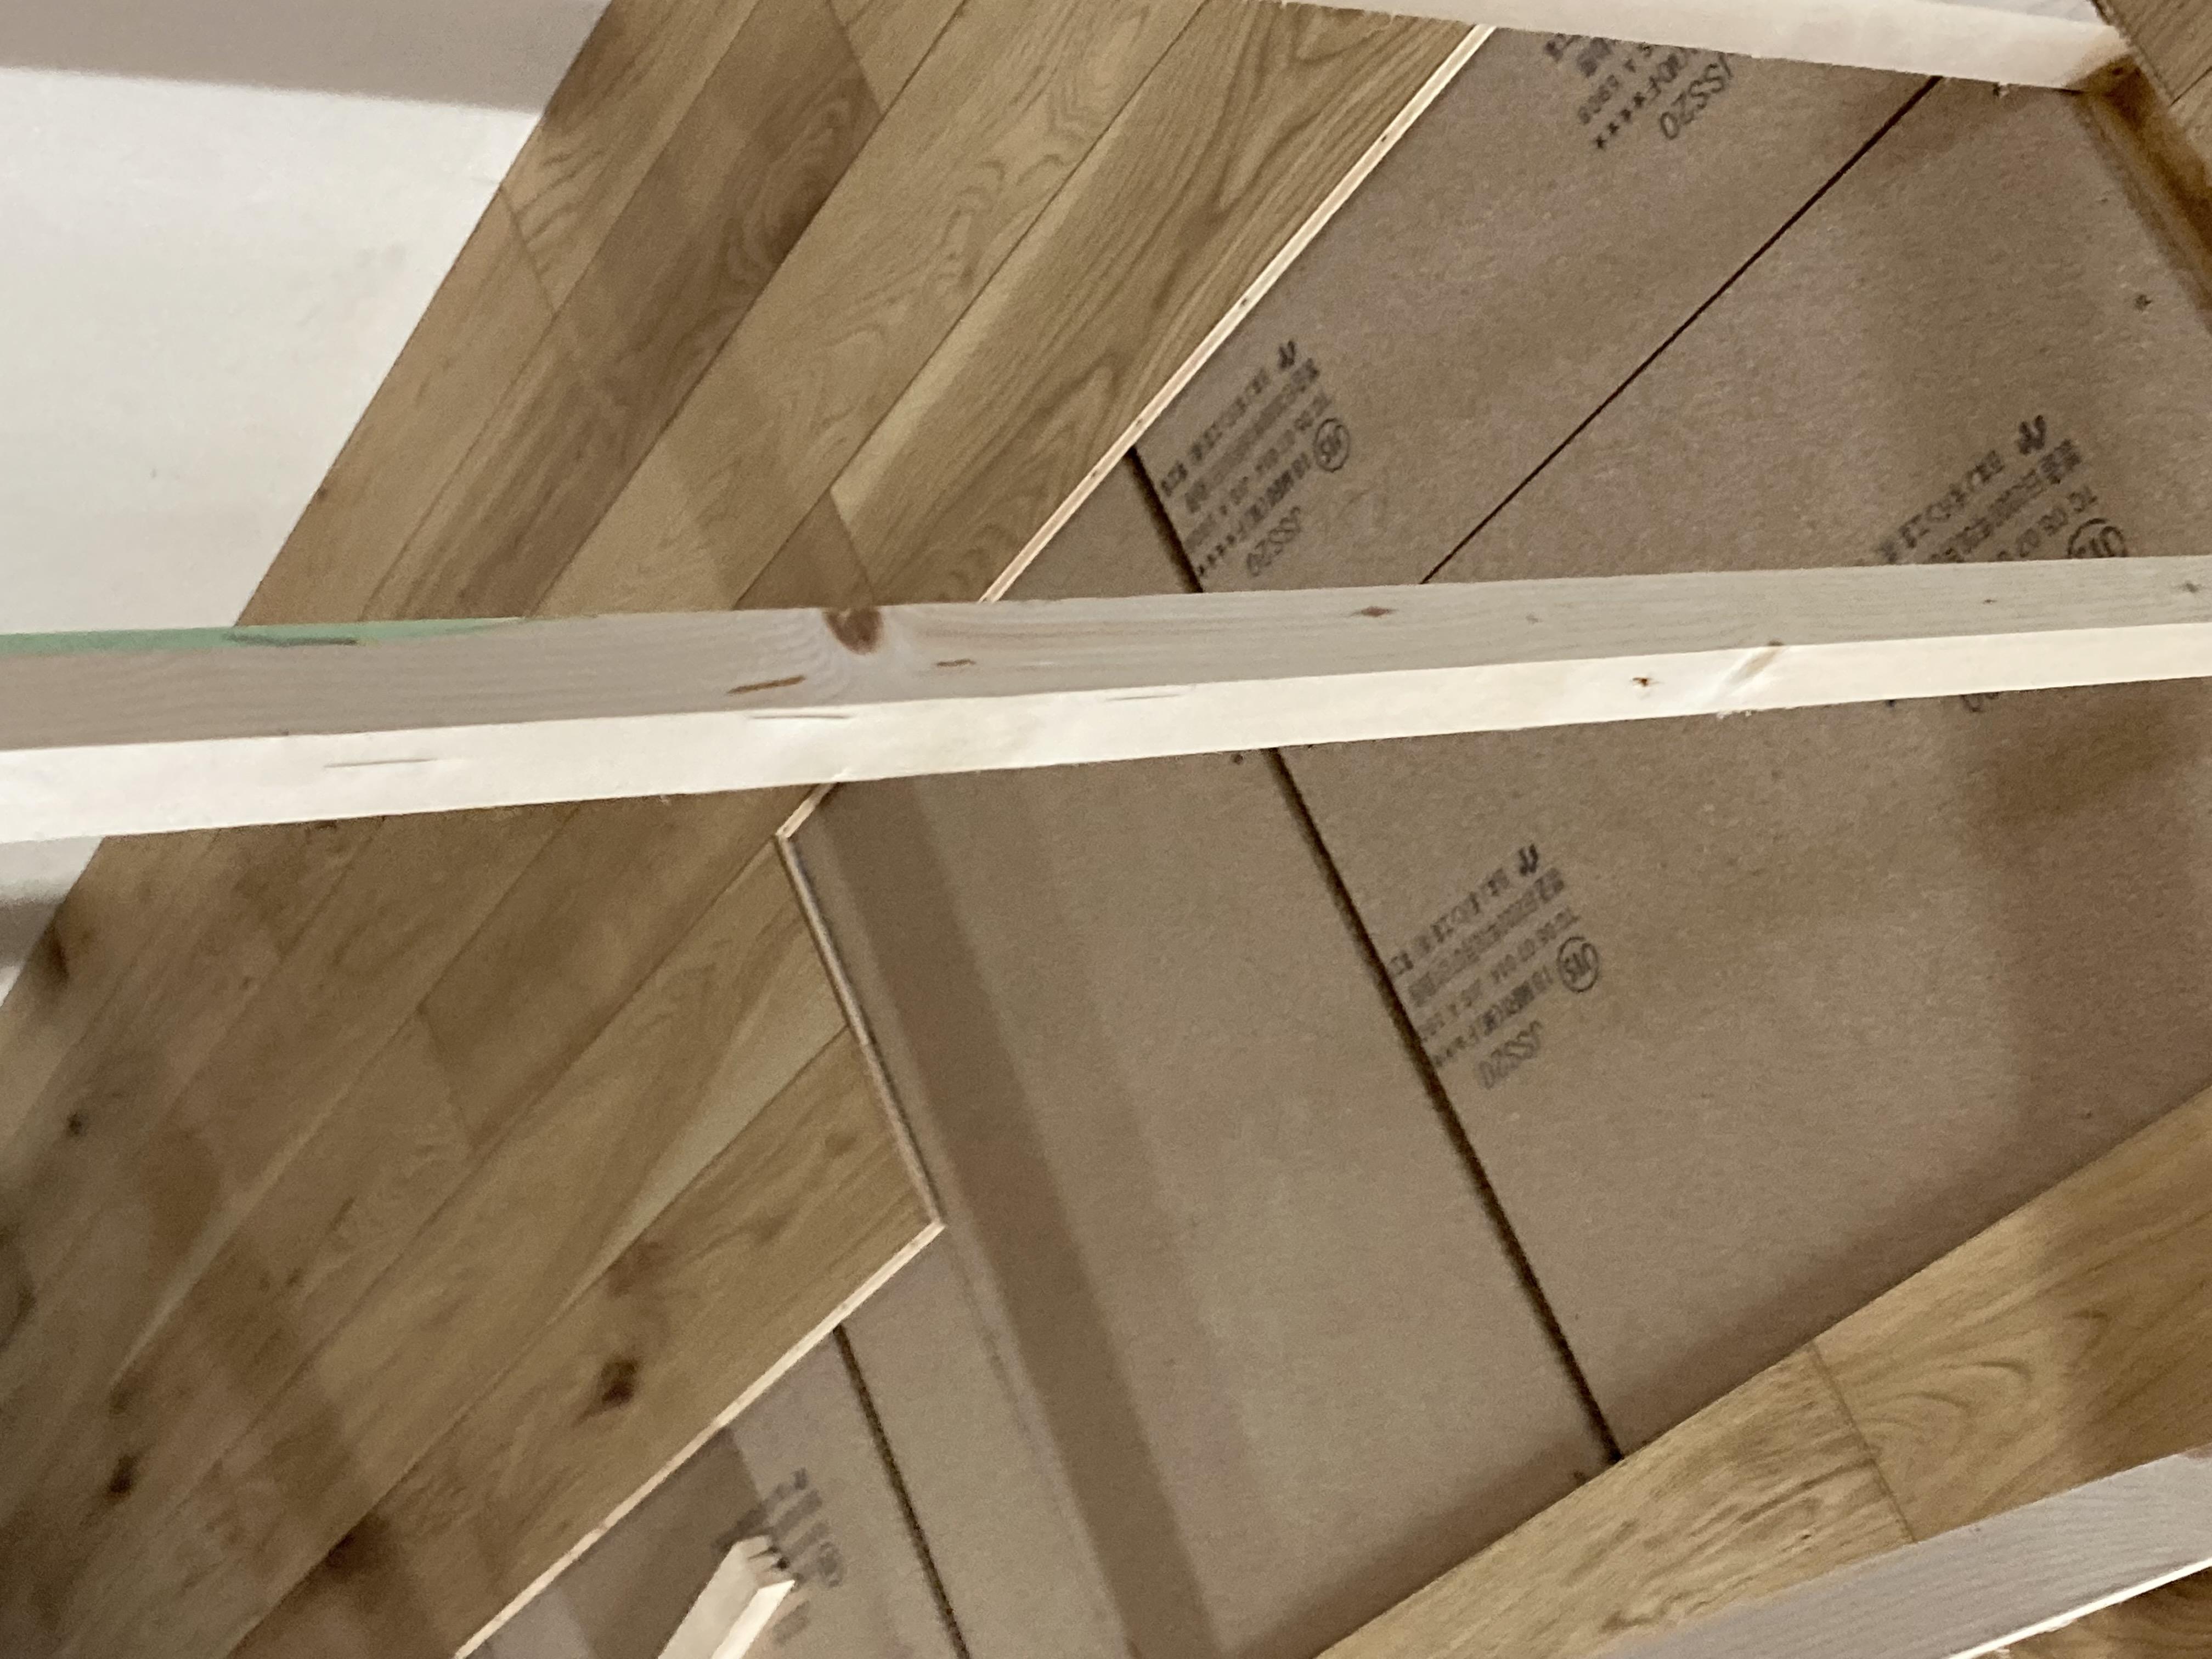 岡崎市マンションリノベーション解体工事始まりました。天井の下地まで撤去され排気ダクトがあらわになりました。